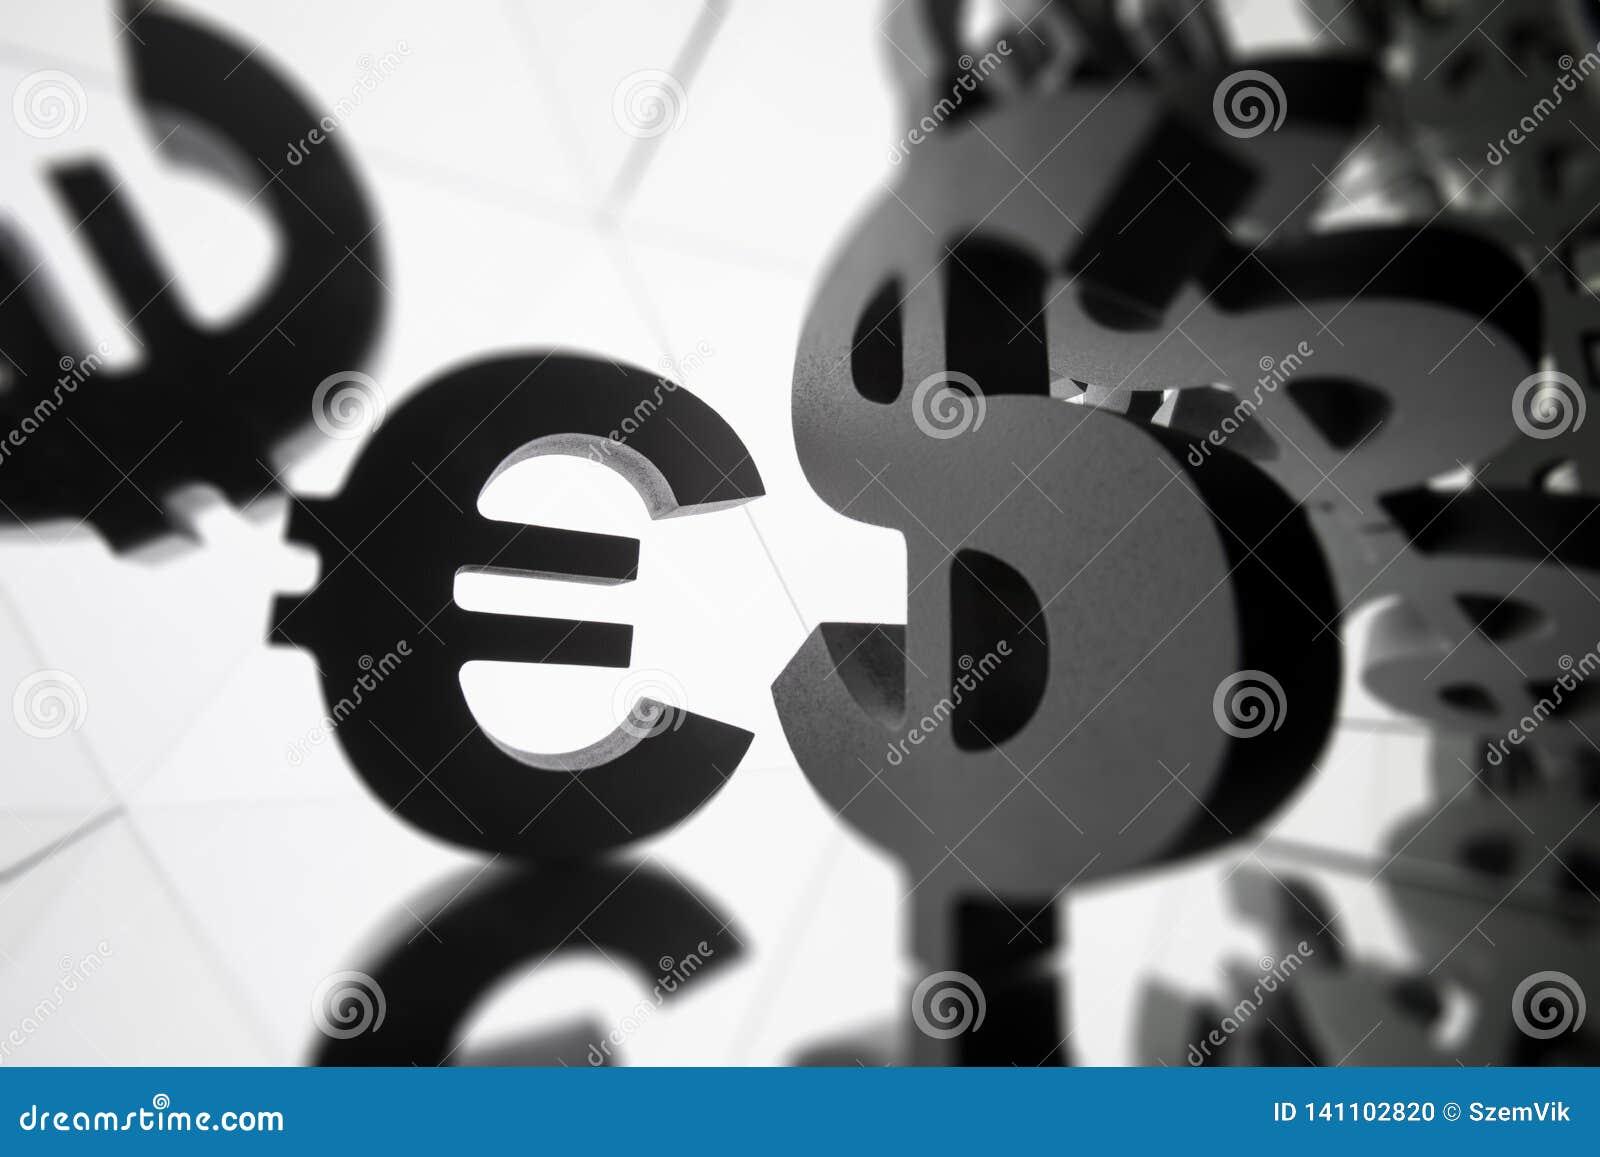 Euro, símbolo de moeda do dólar com muitas imagens espelhando dse